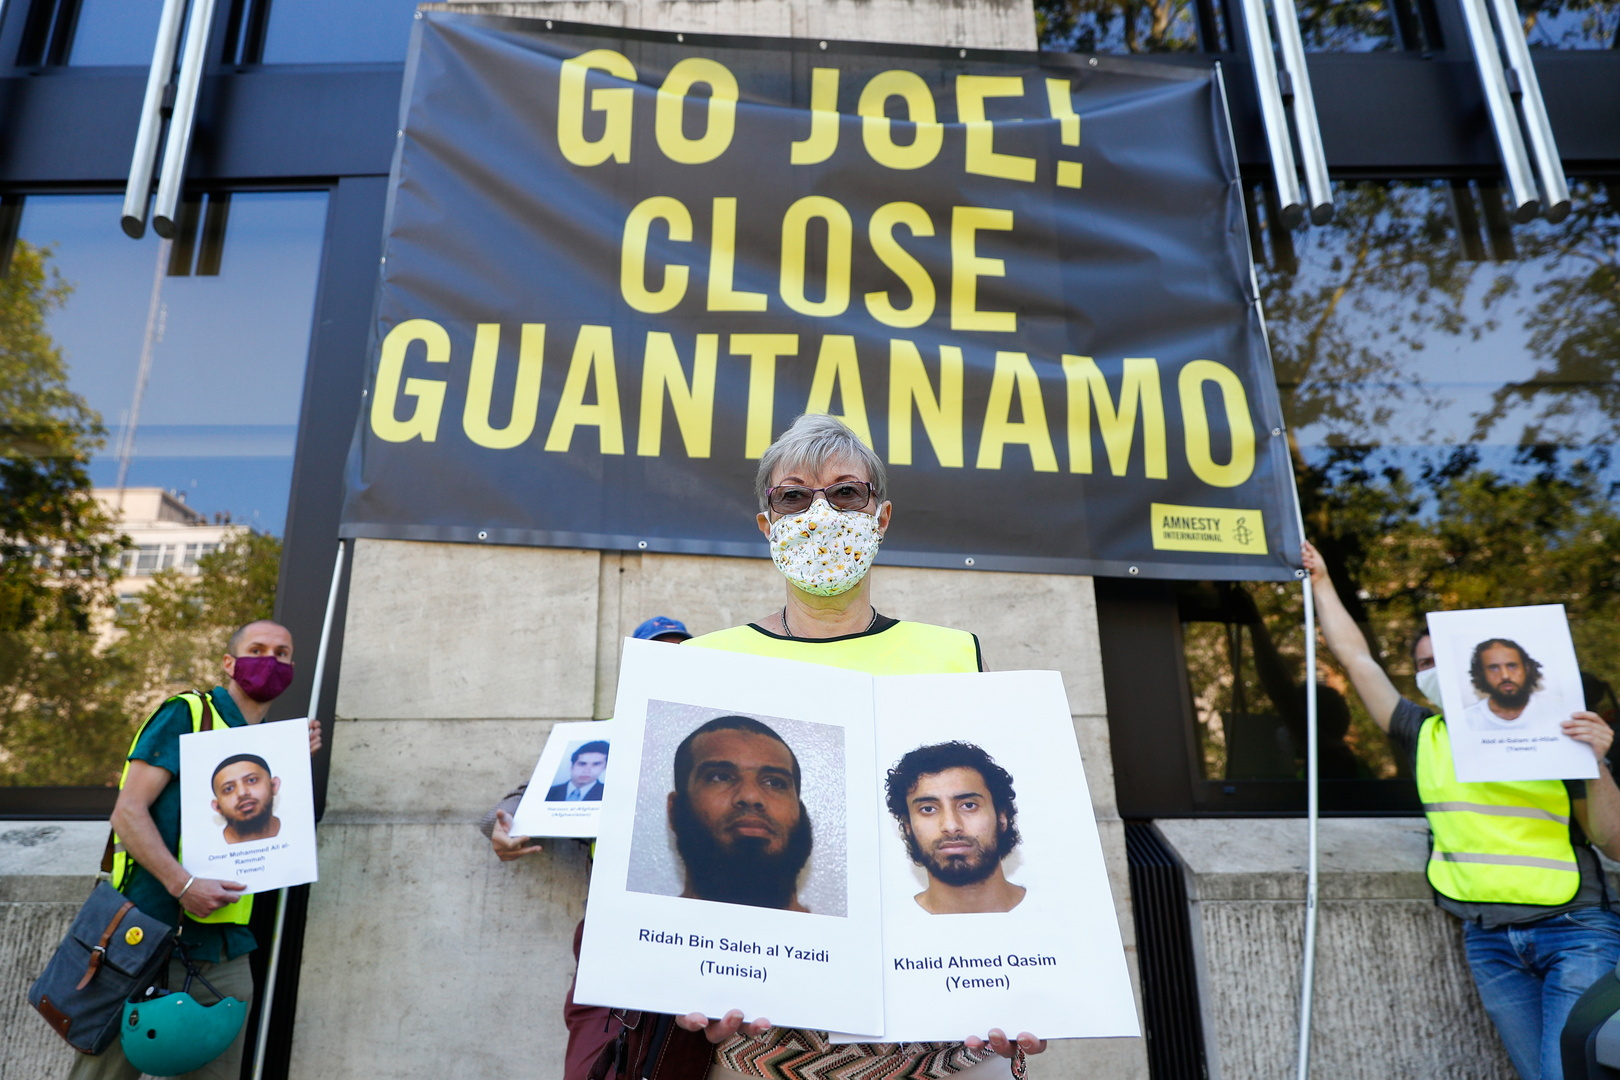 الموافقة على نقل يمنيين محتجزين في غوانتانامو لبلد آخر